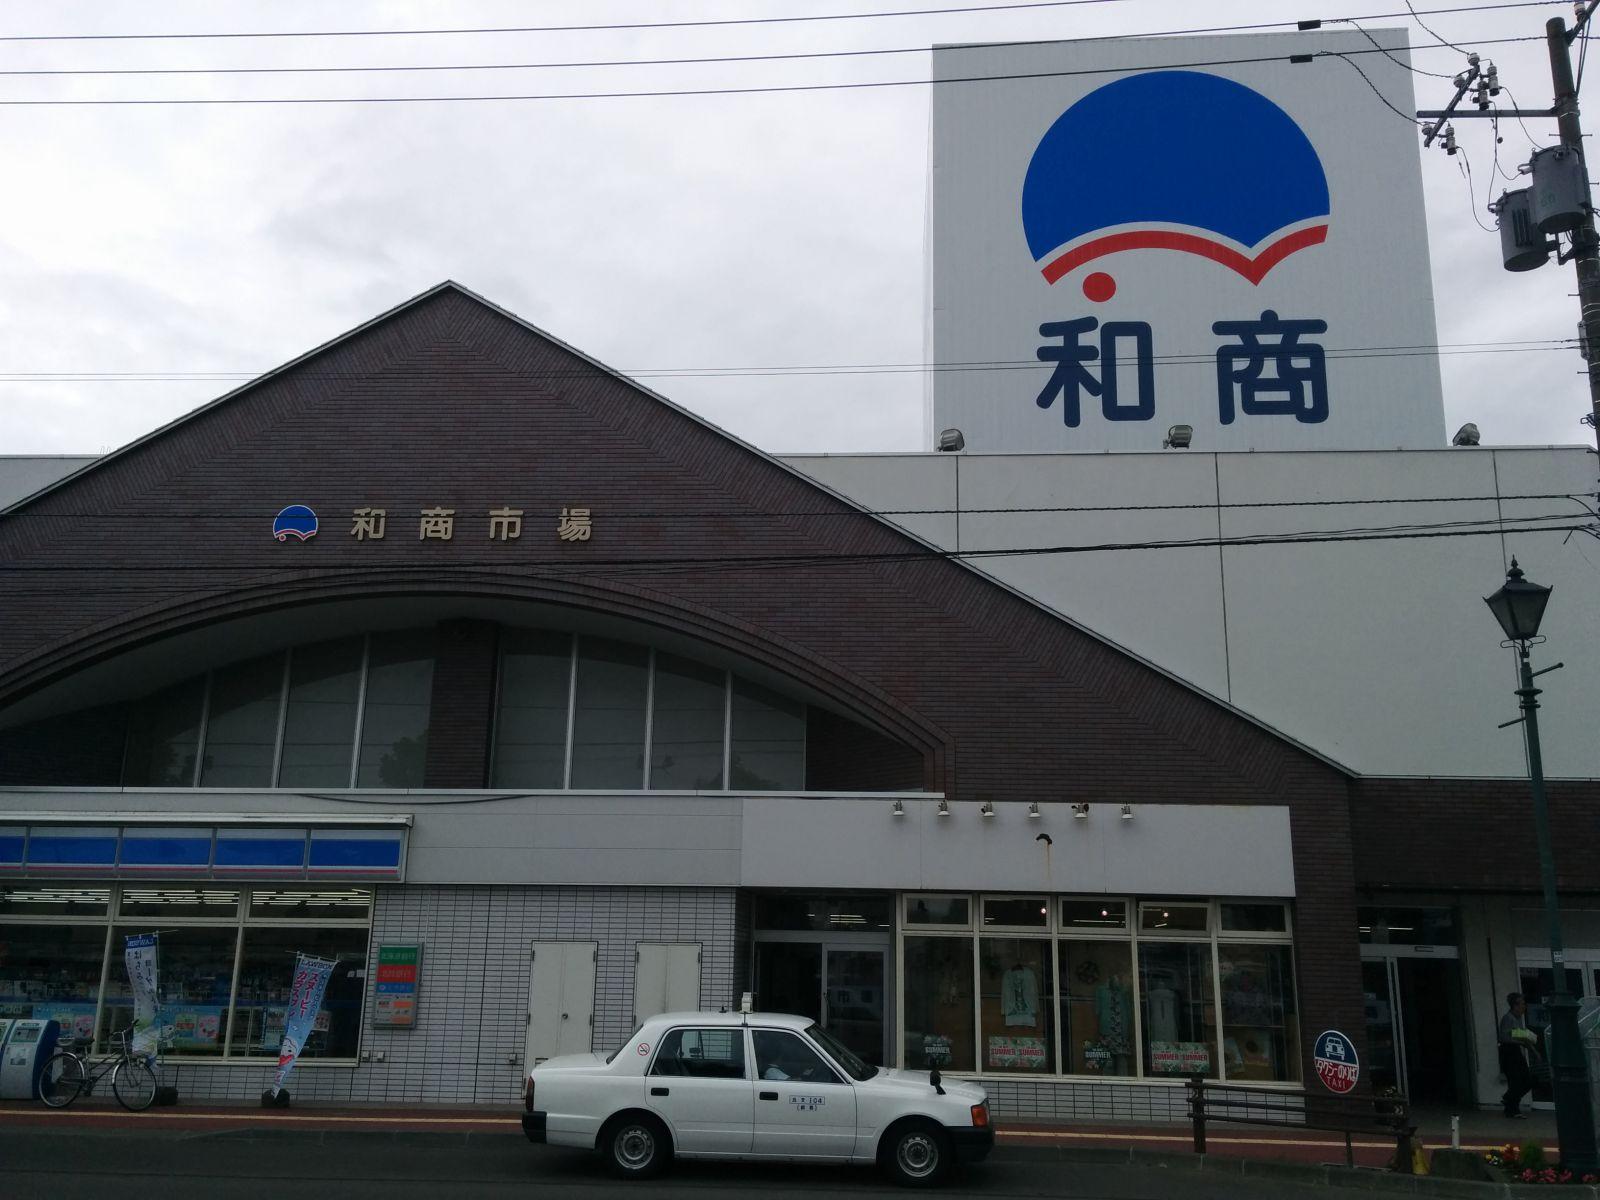 【釧路市】和商市場観光案内です。